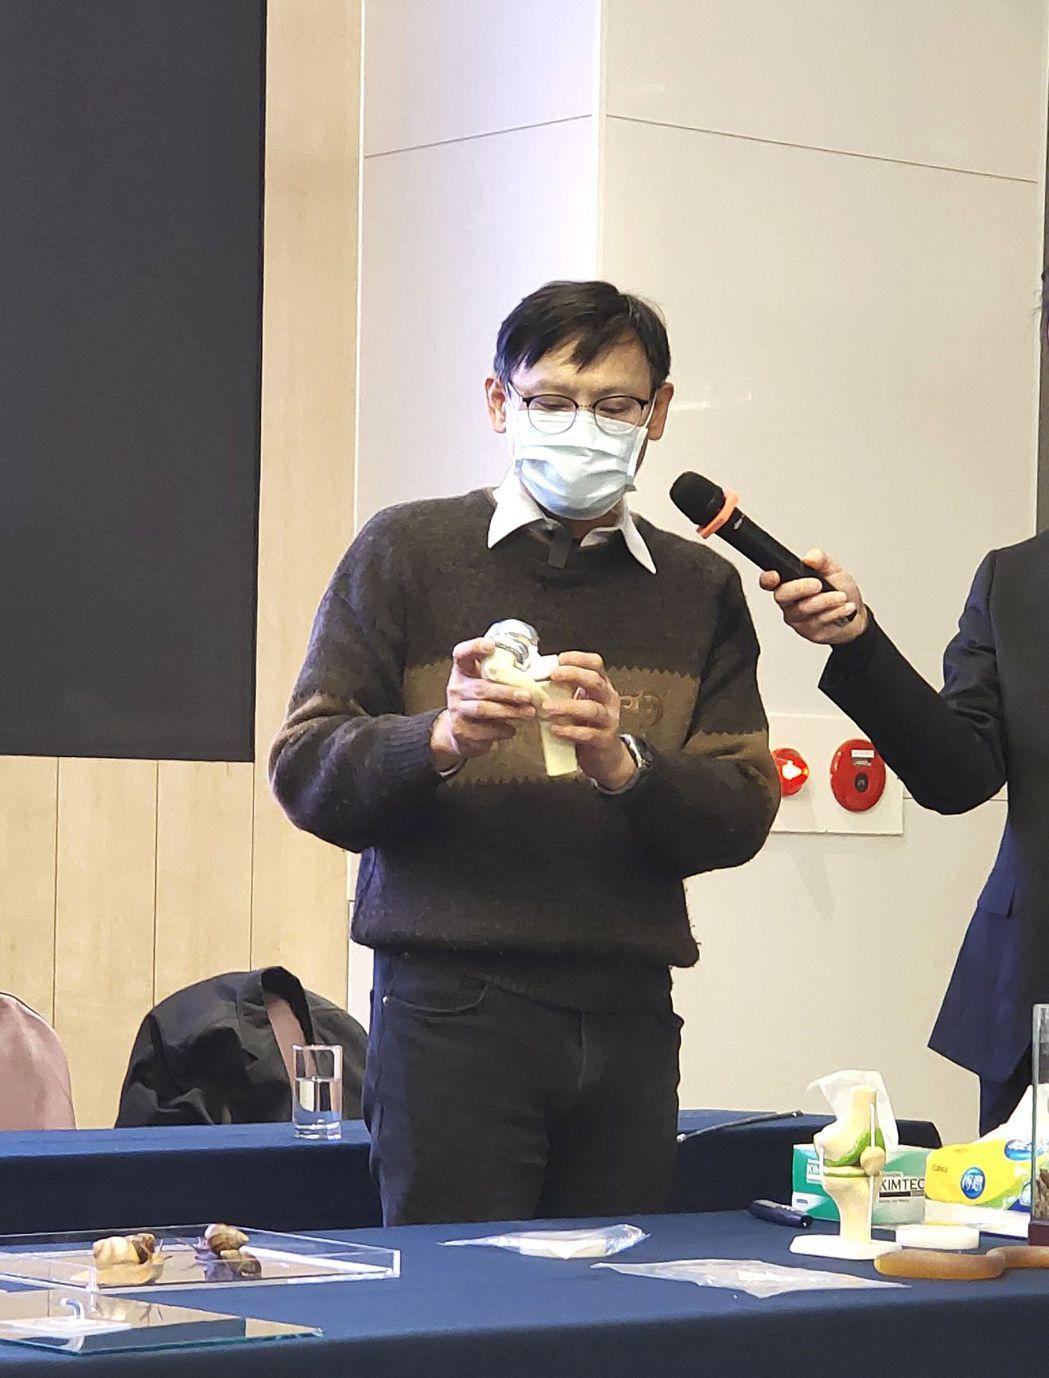 鍾宜璋教授介紹產品可運用在人工器官抗沾黏:可用於人工血管、人工臟器等的表面塗層,...